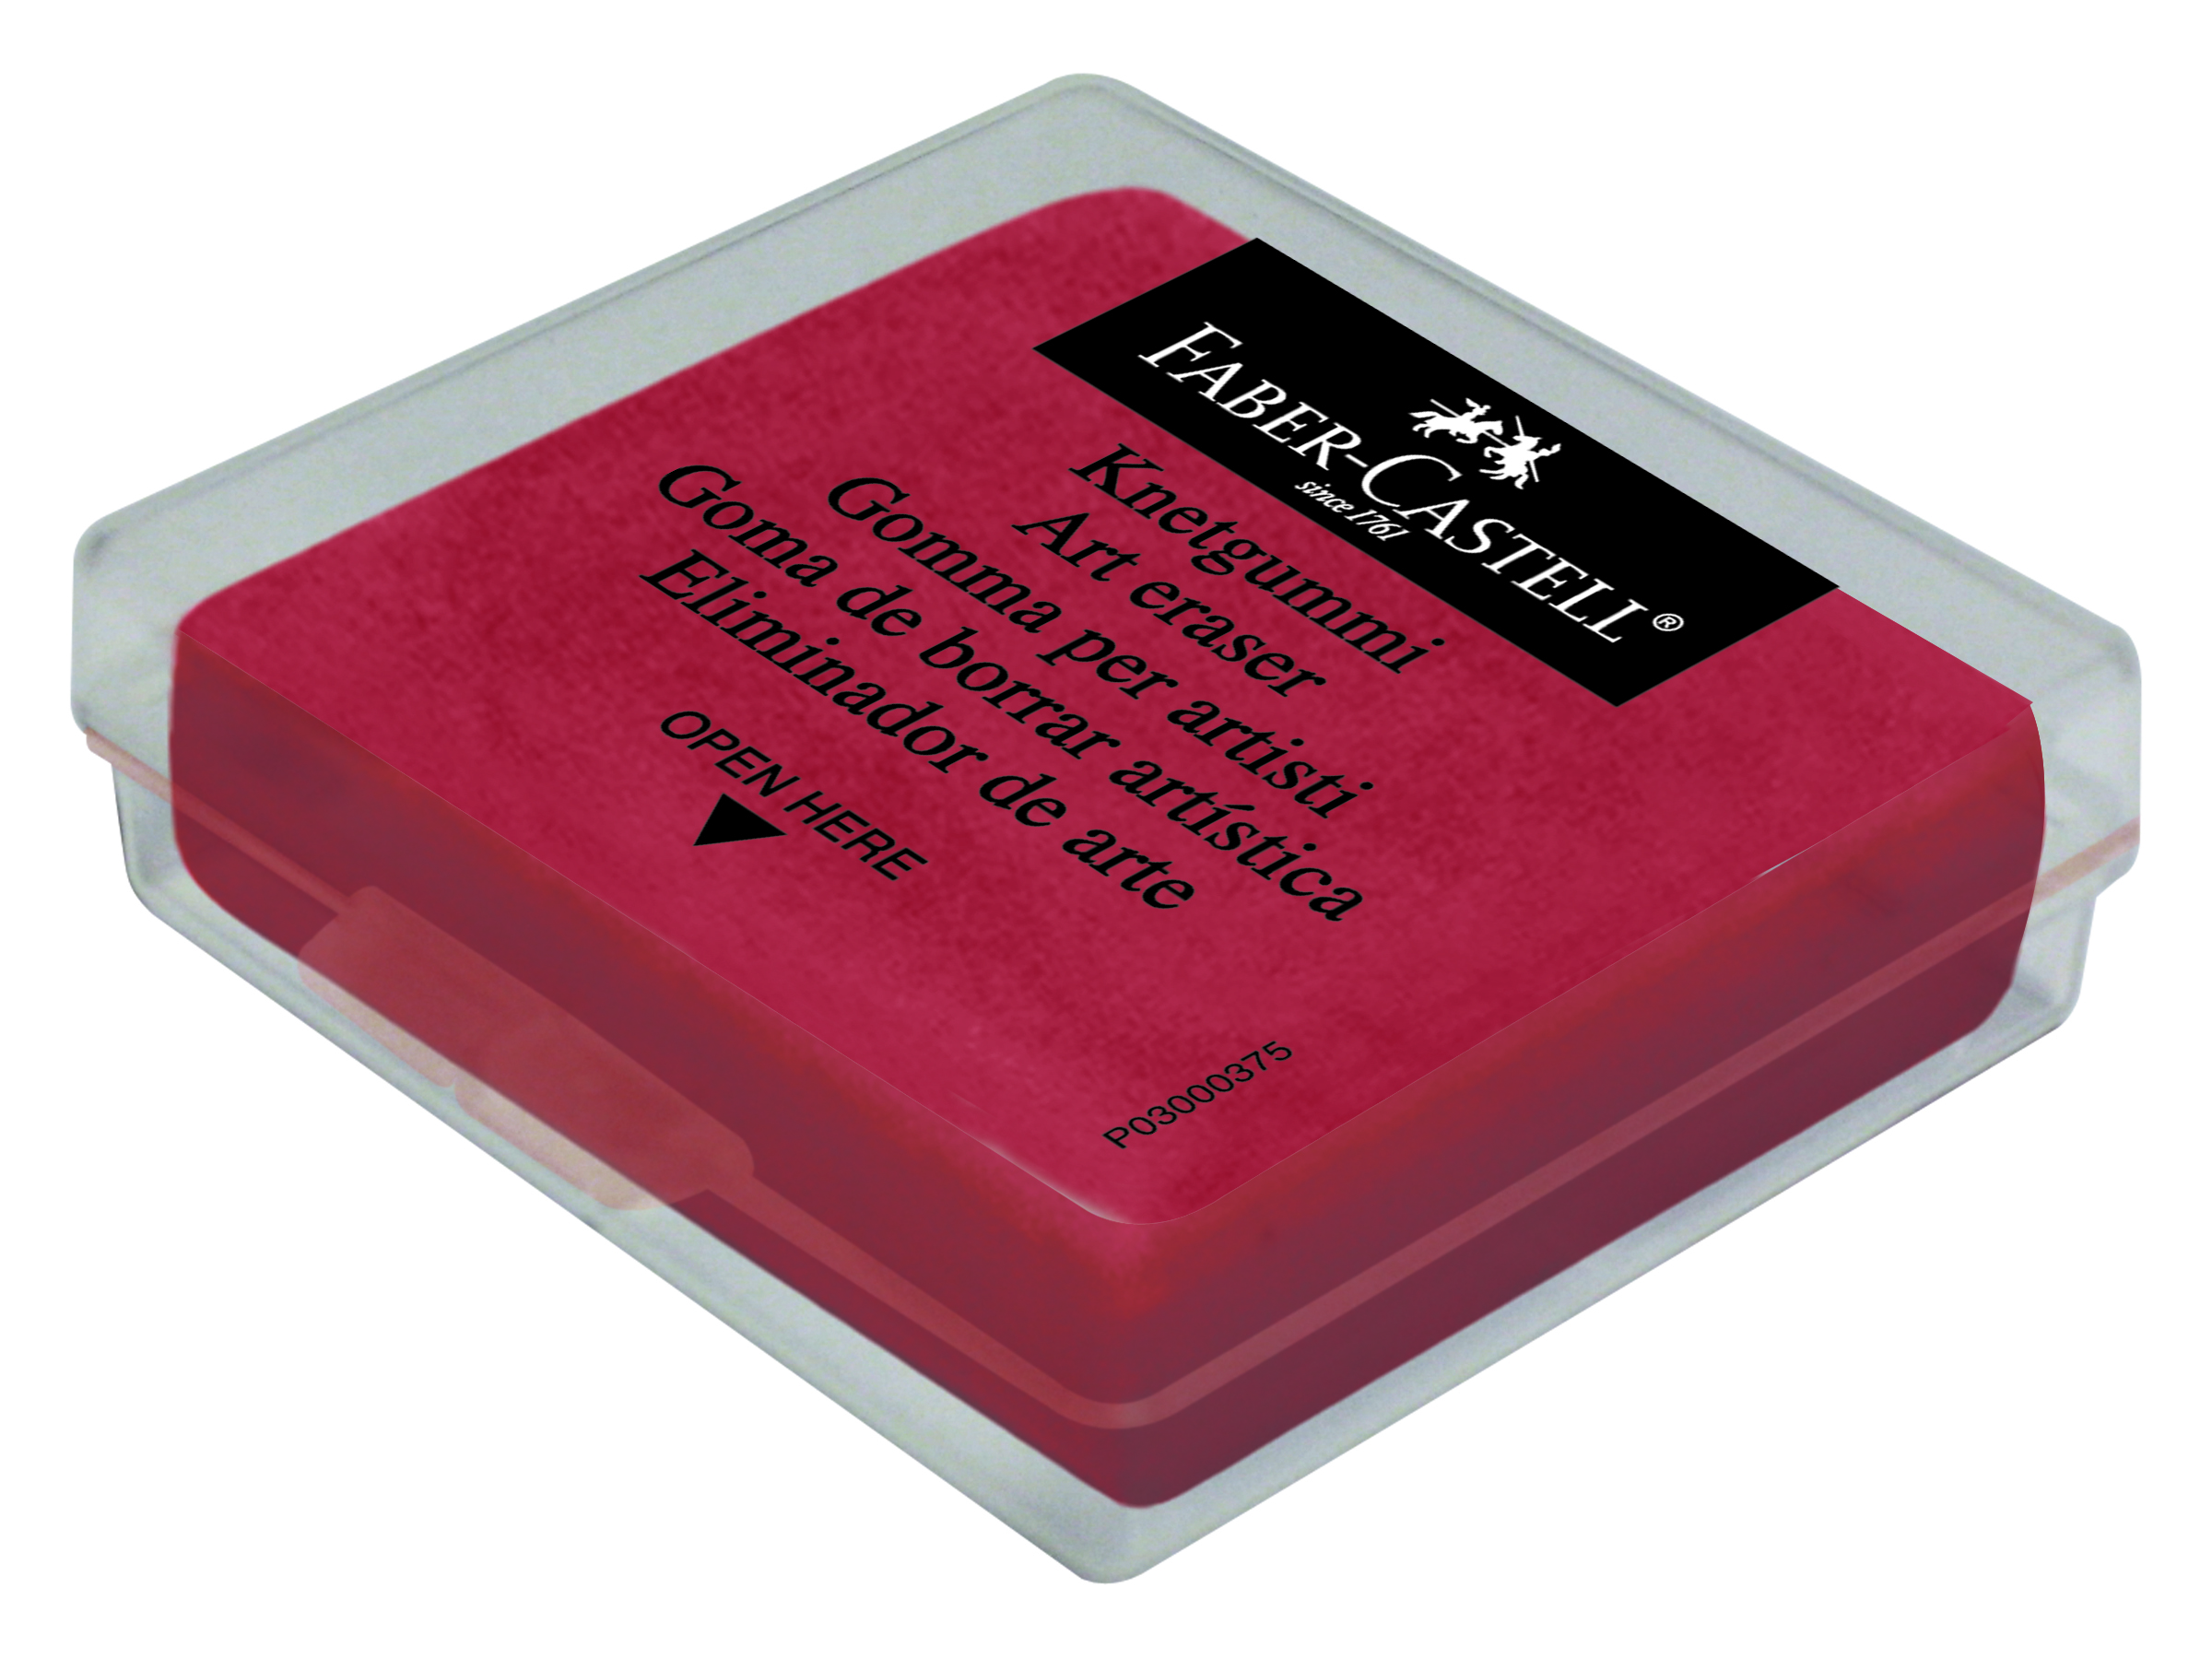 Guma plastická barevná v krabičce Faber Castel - guma plastická